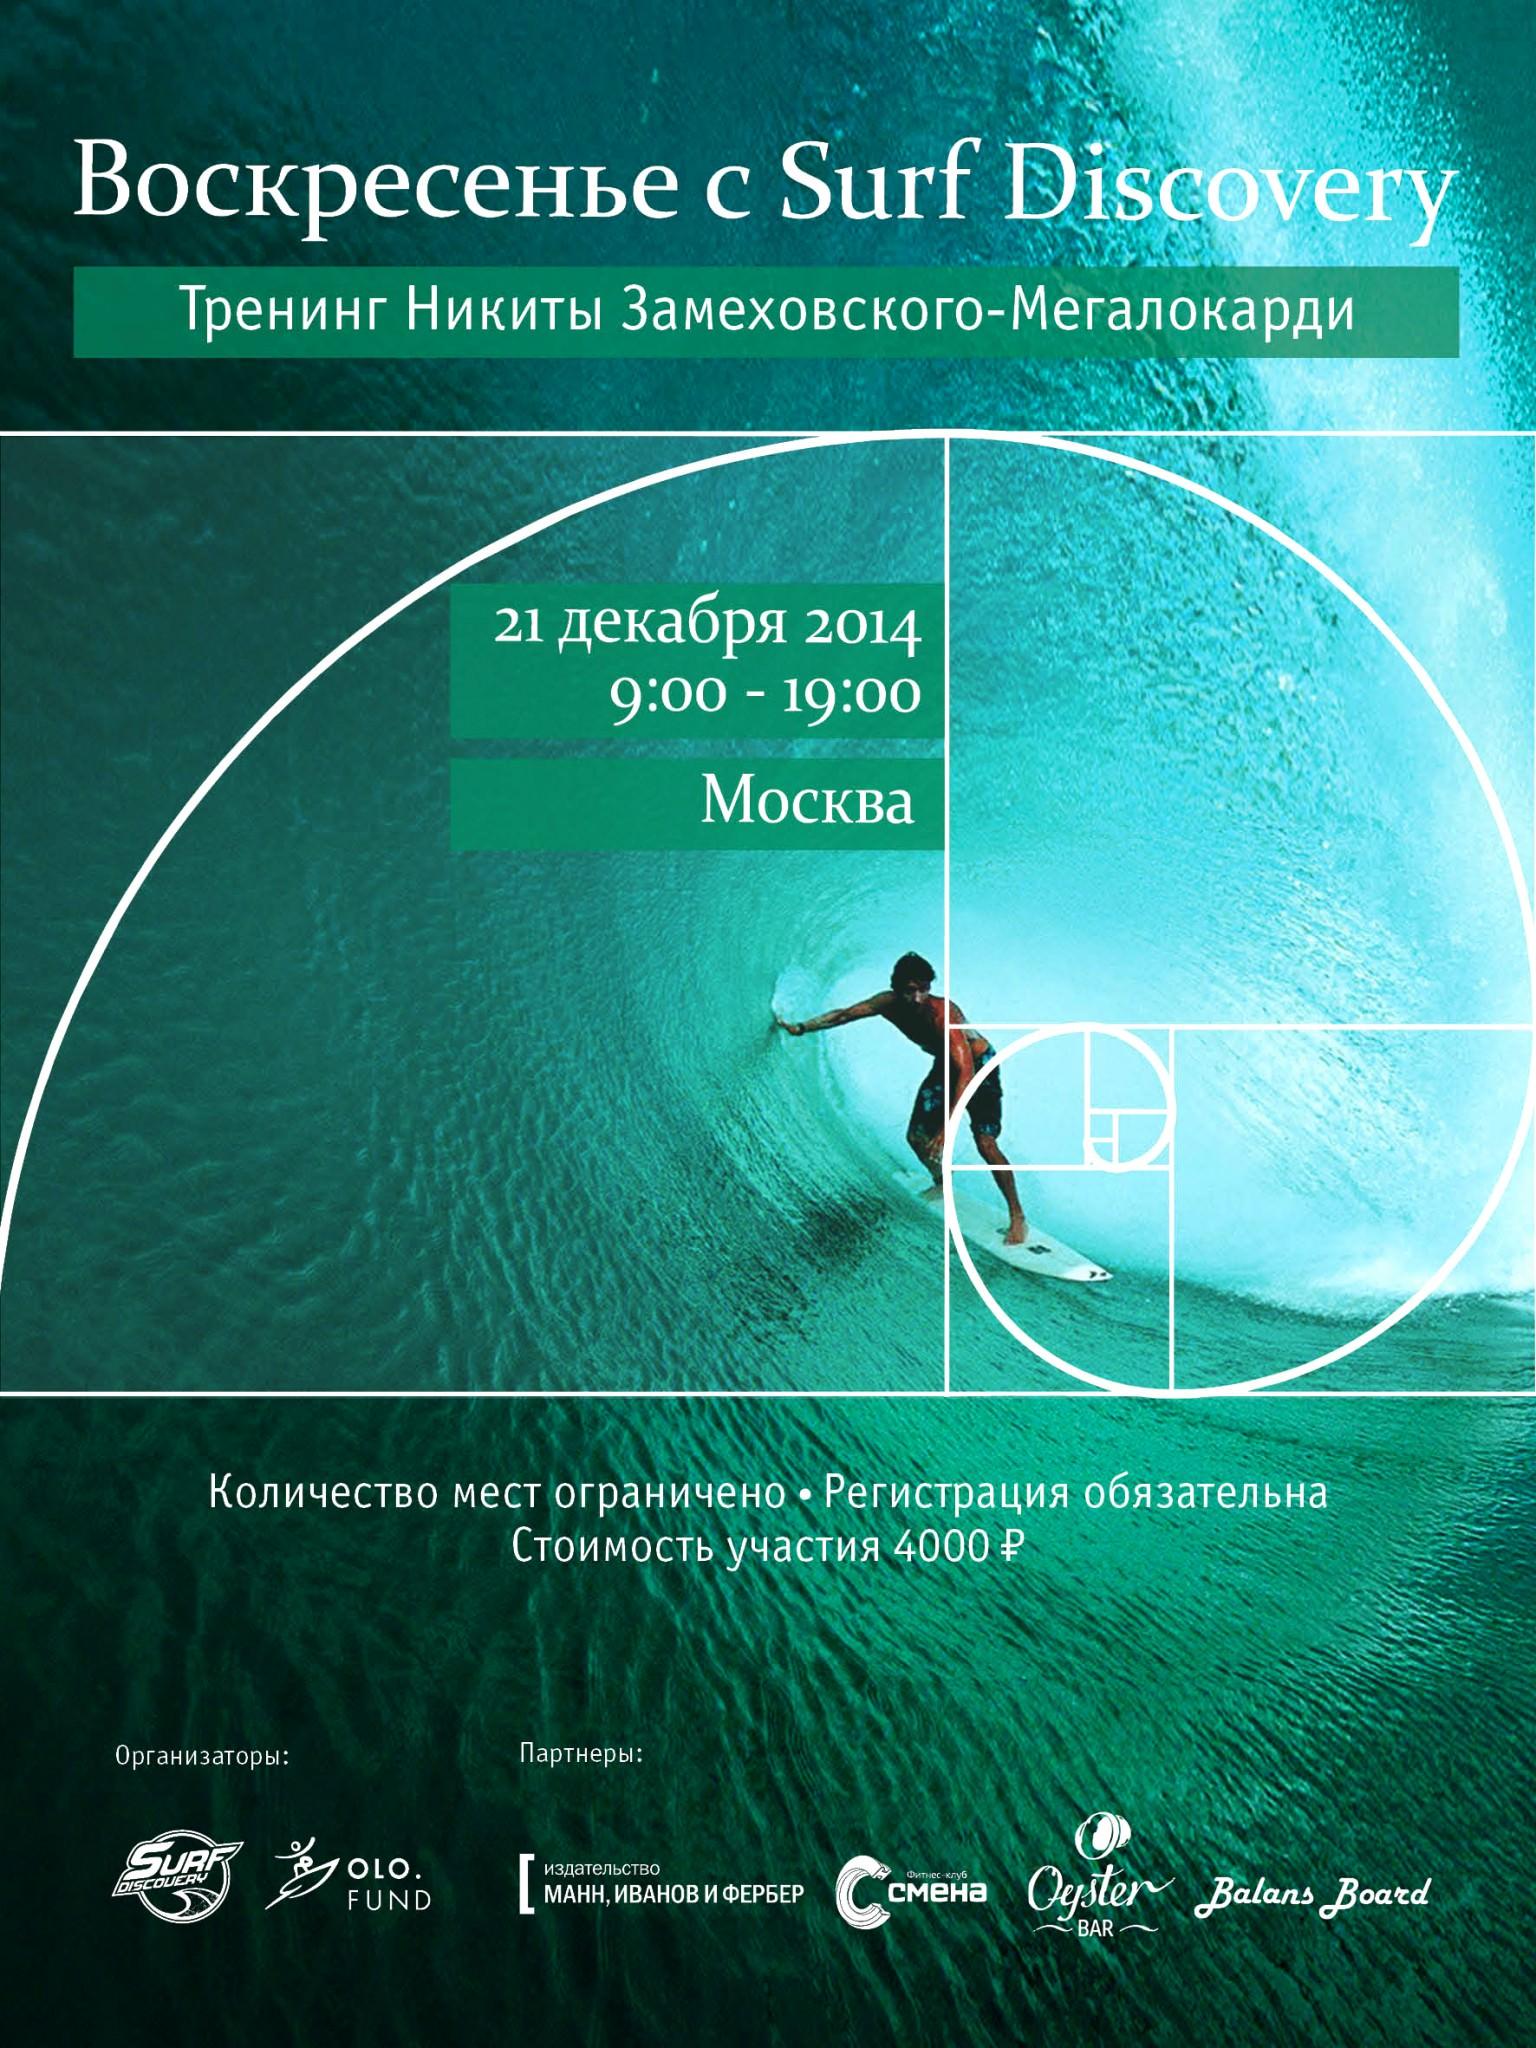 Воскресенье с Surf Discovery